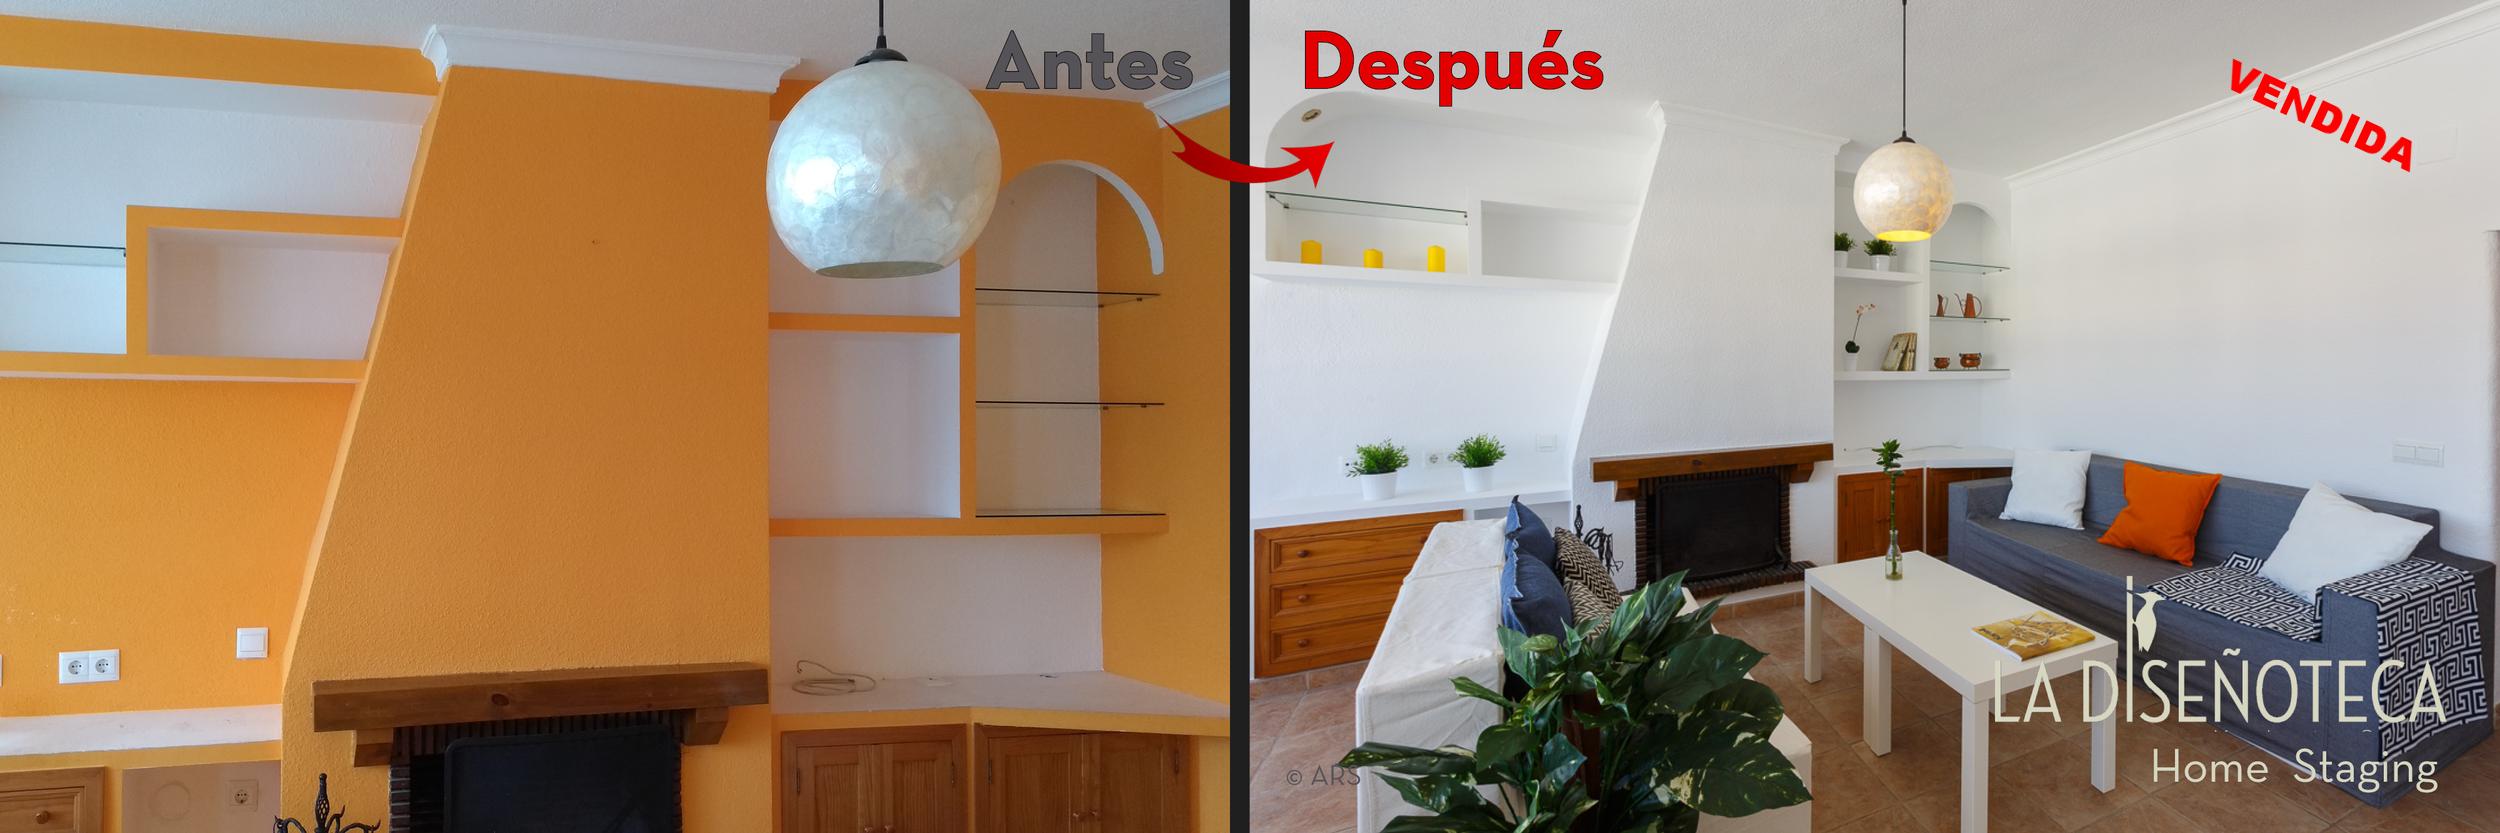 AntesyDespues Cueva_salon2.png